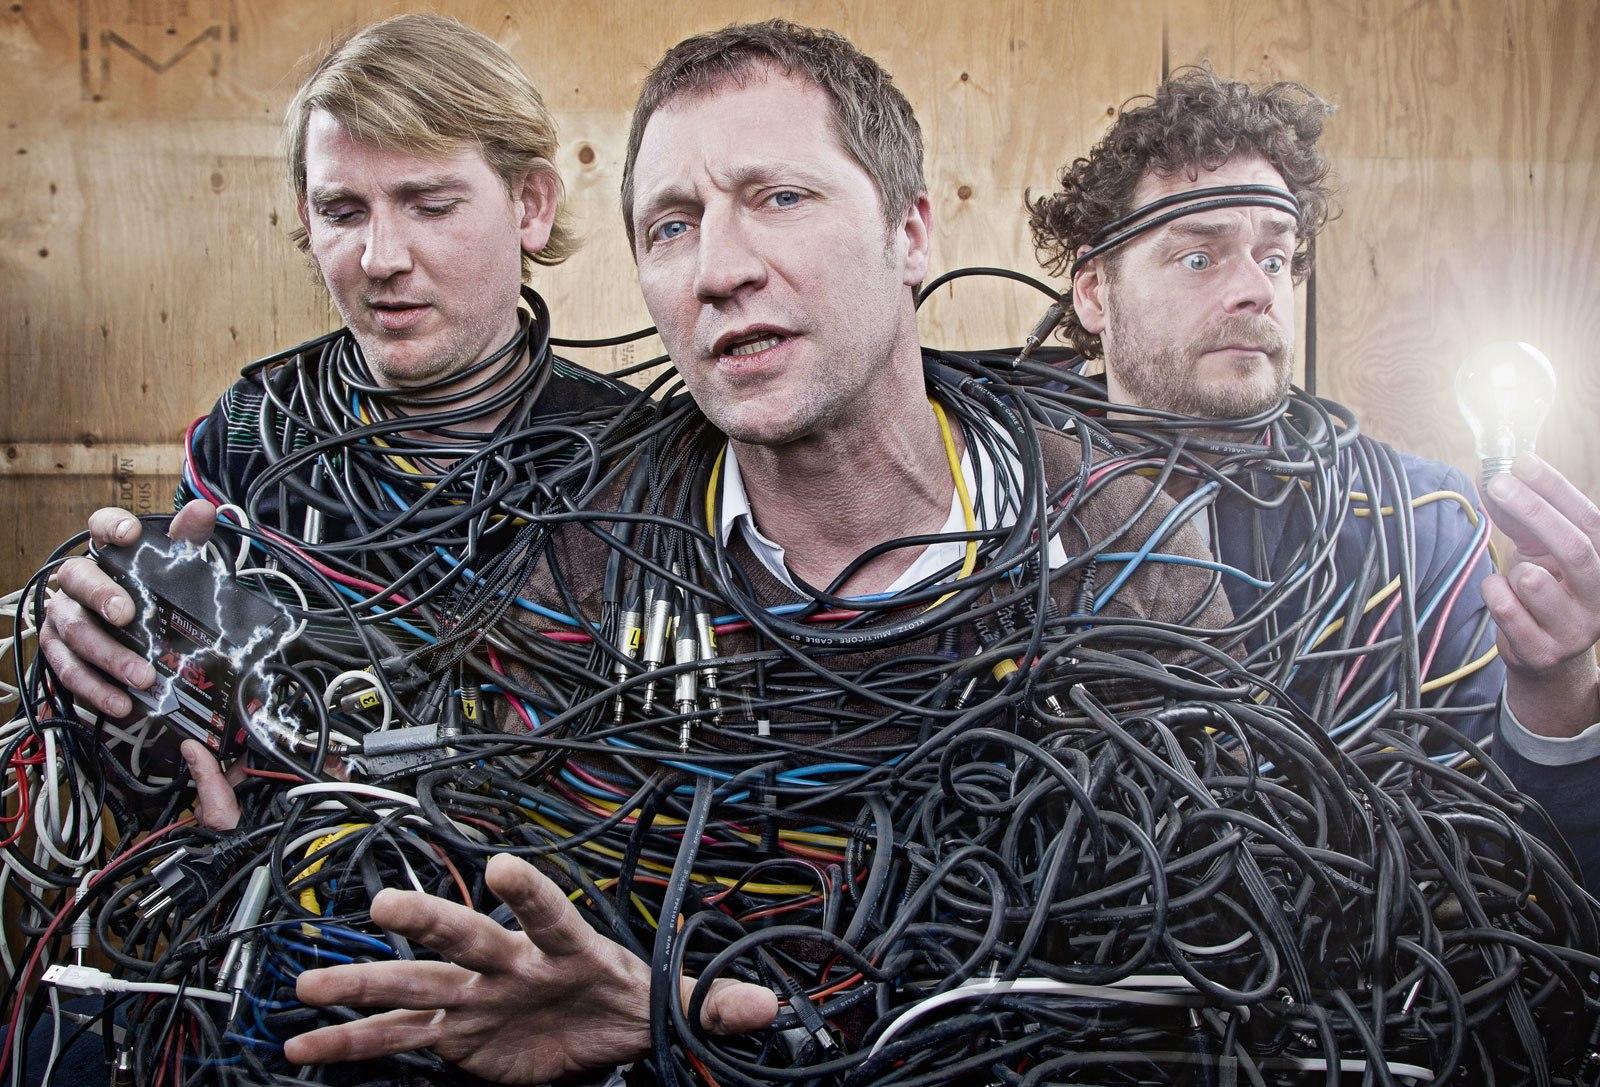 Obľúbené holandské trio Kraak & Smaak vystúpi 20.februára v Bratislave BOMBING